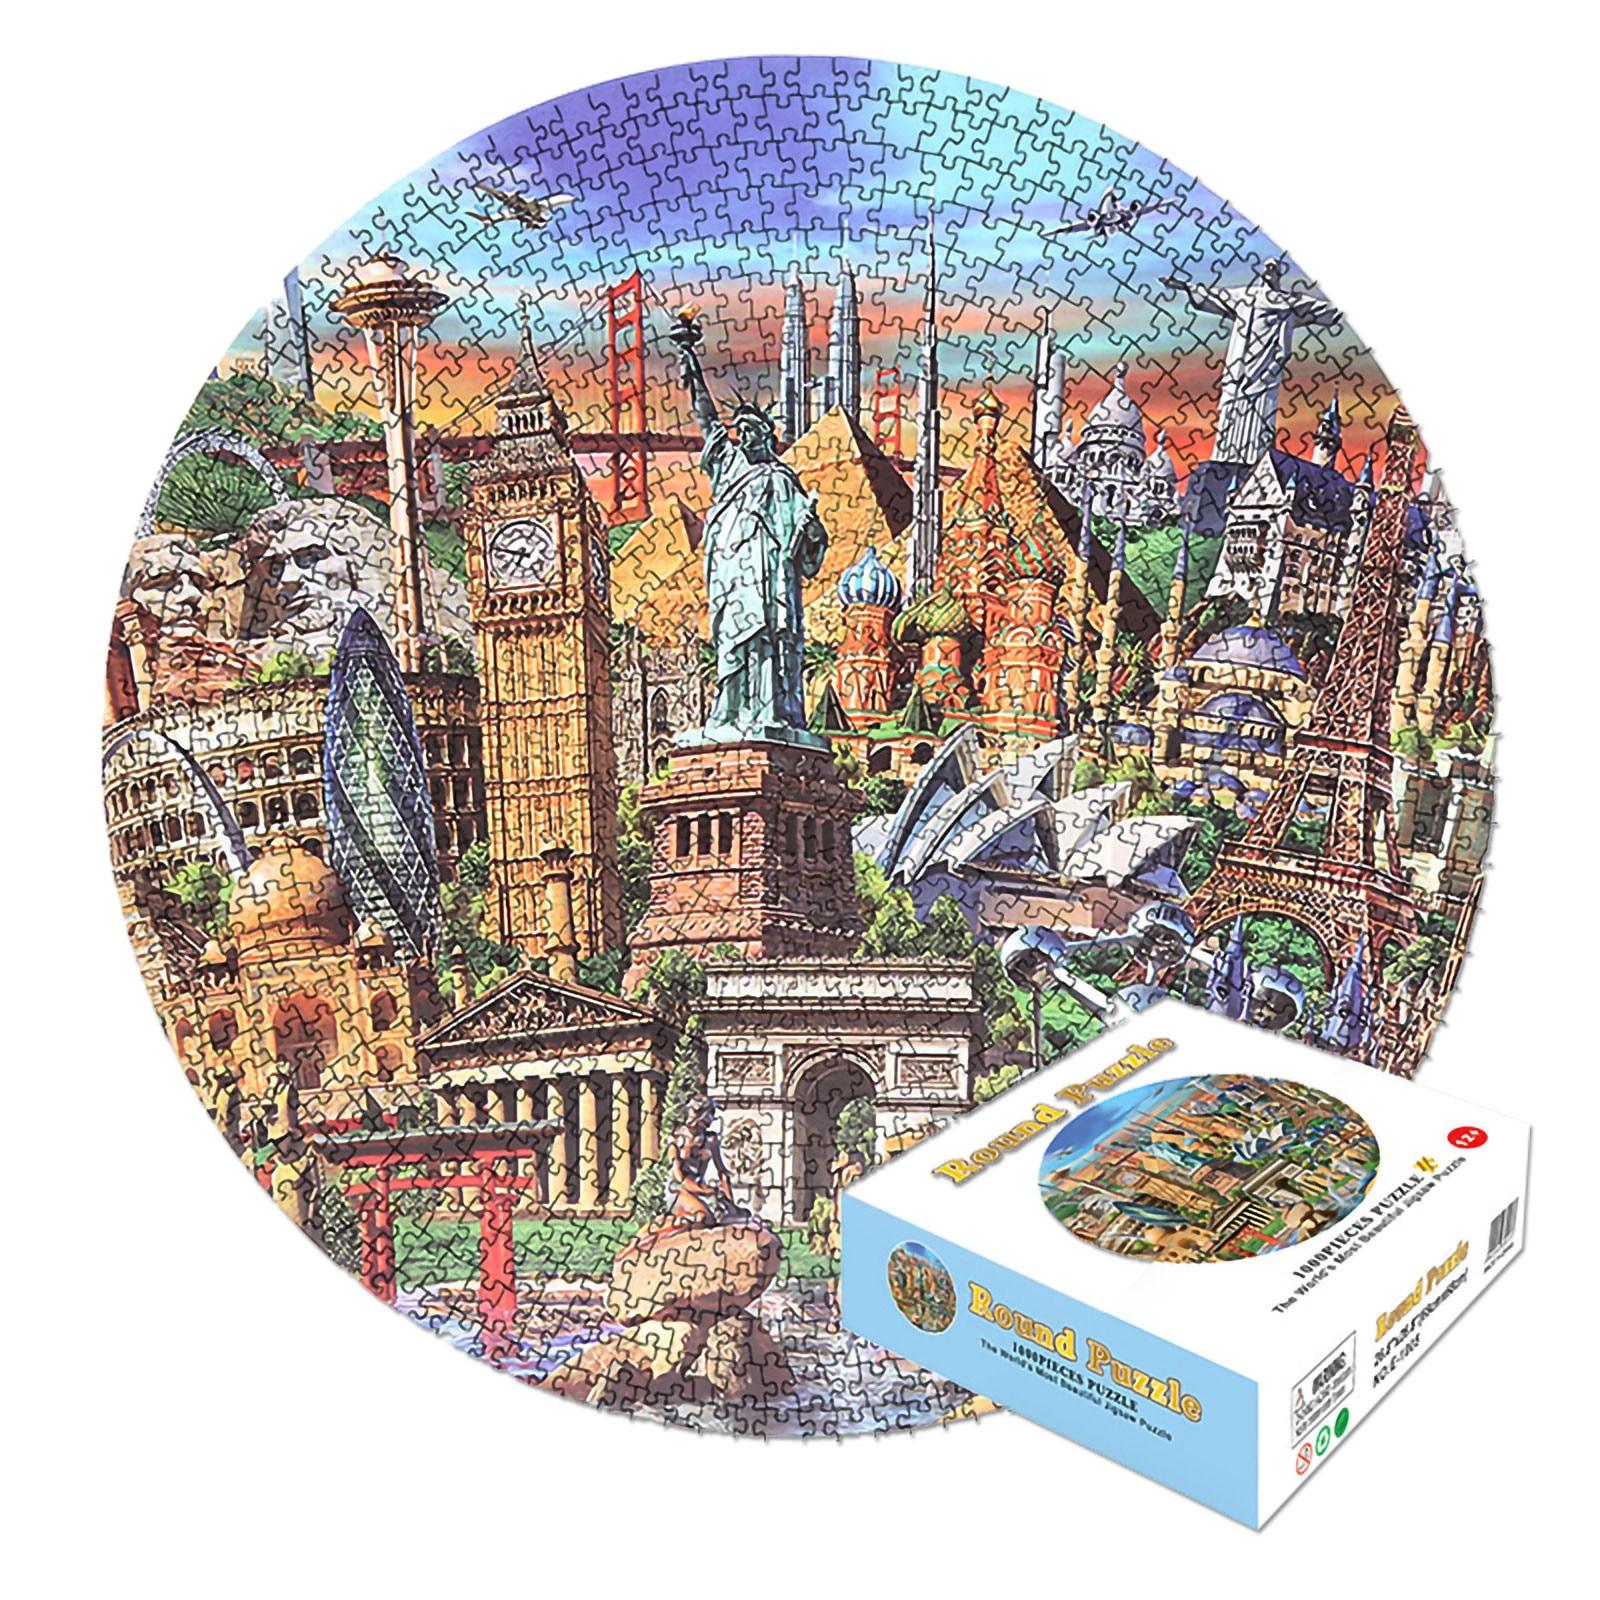 Мозаика паззл для взрослых 1000 шт., круглая головоломка, Классическая Игрушка для декомпрессии, упражнения на логику и сенсорную координацию Пазлы      АлиЭкспресс